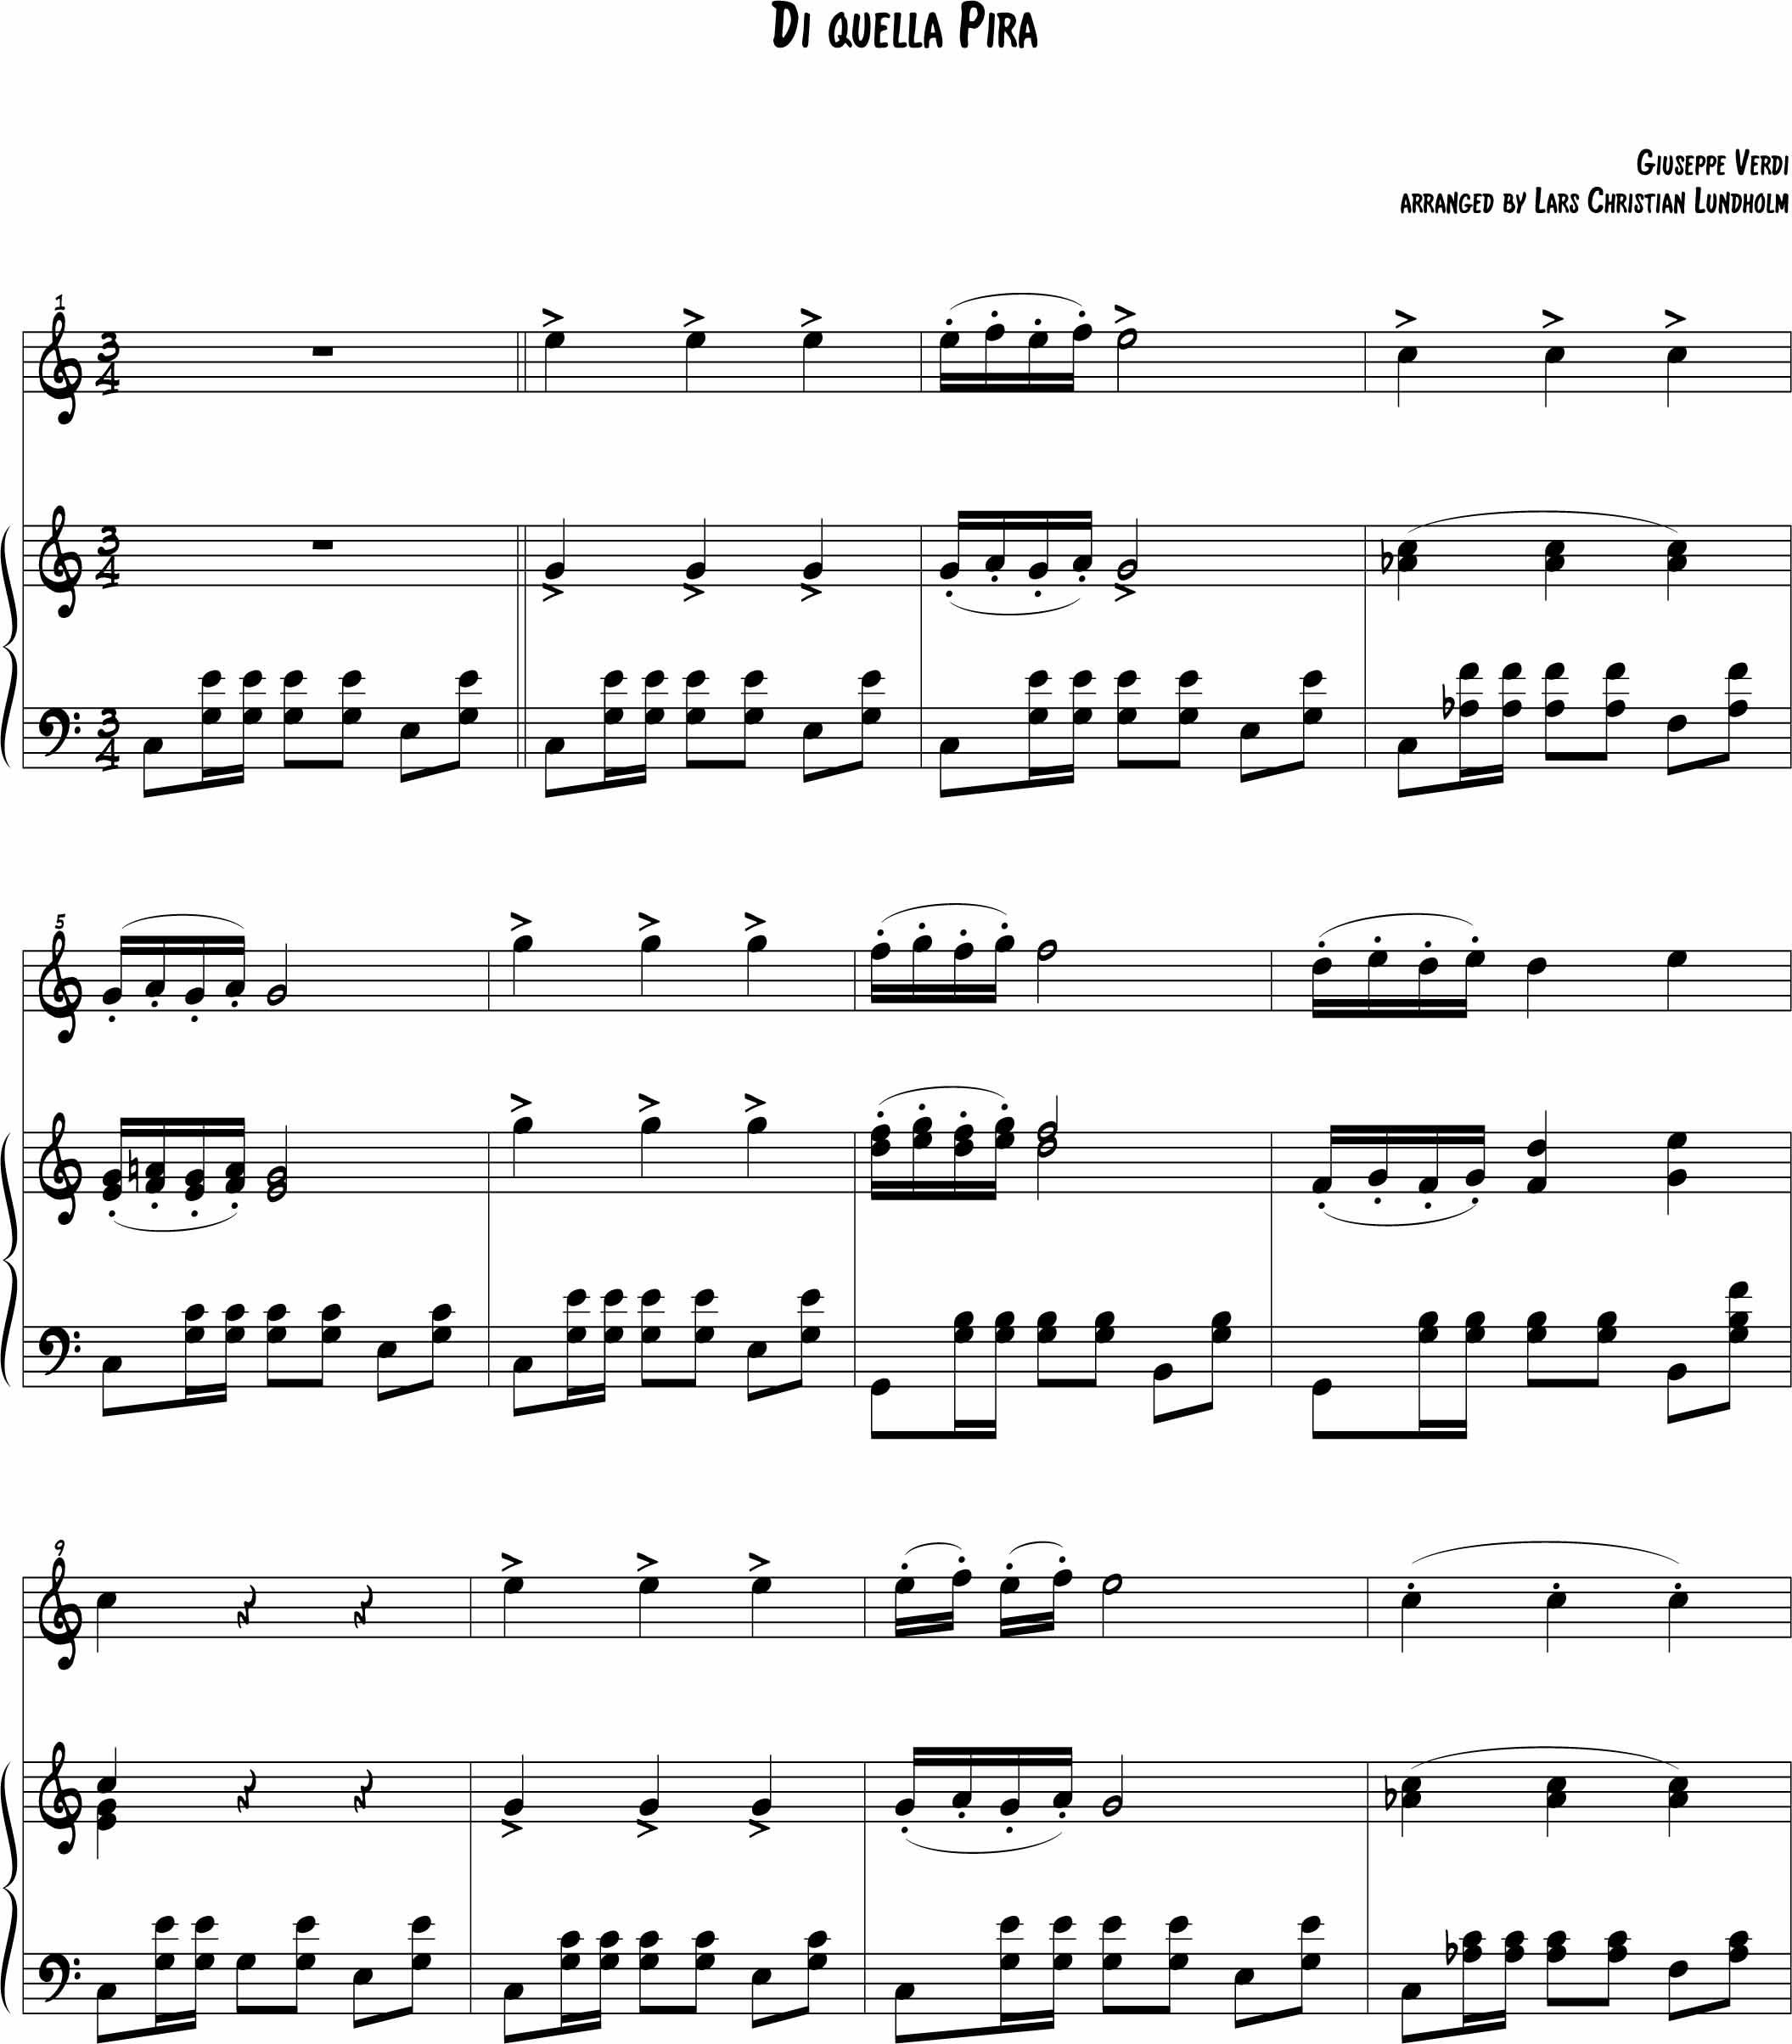 Di Quella Pira Pure Sheet Music For Piano And